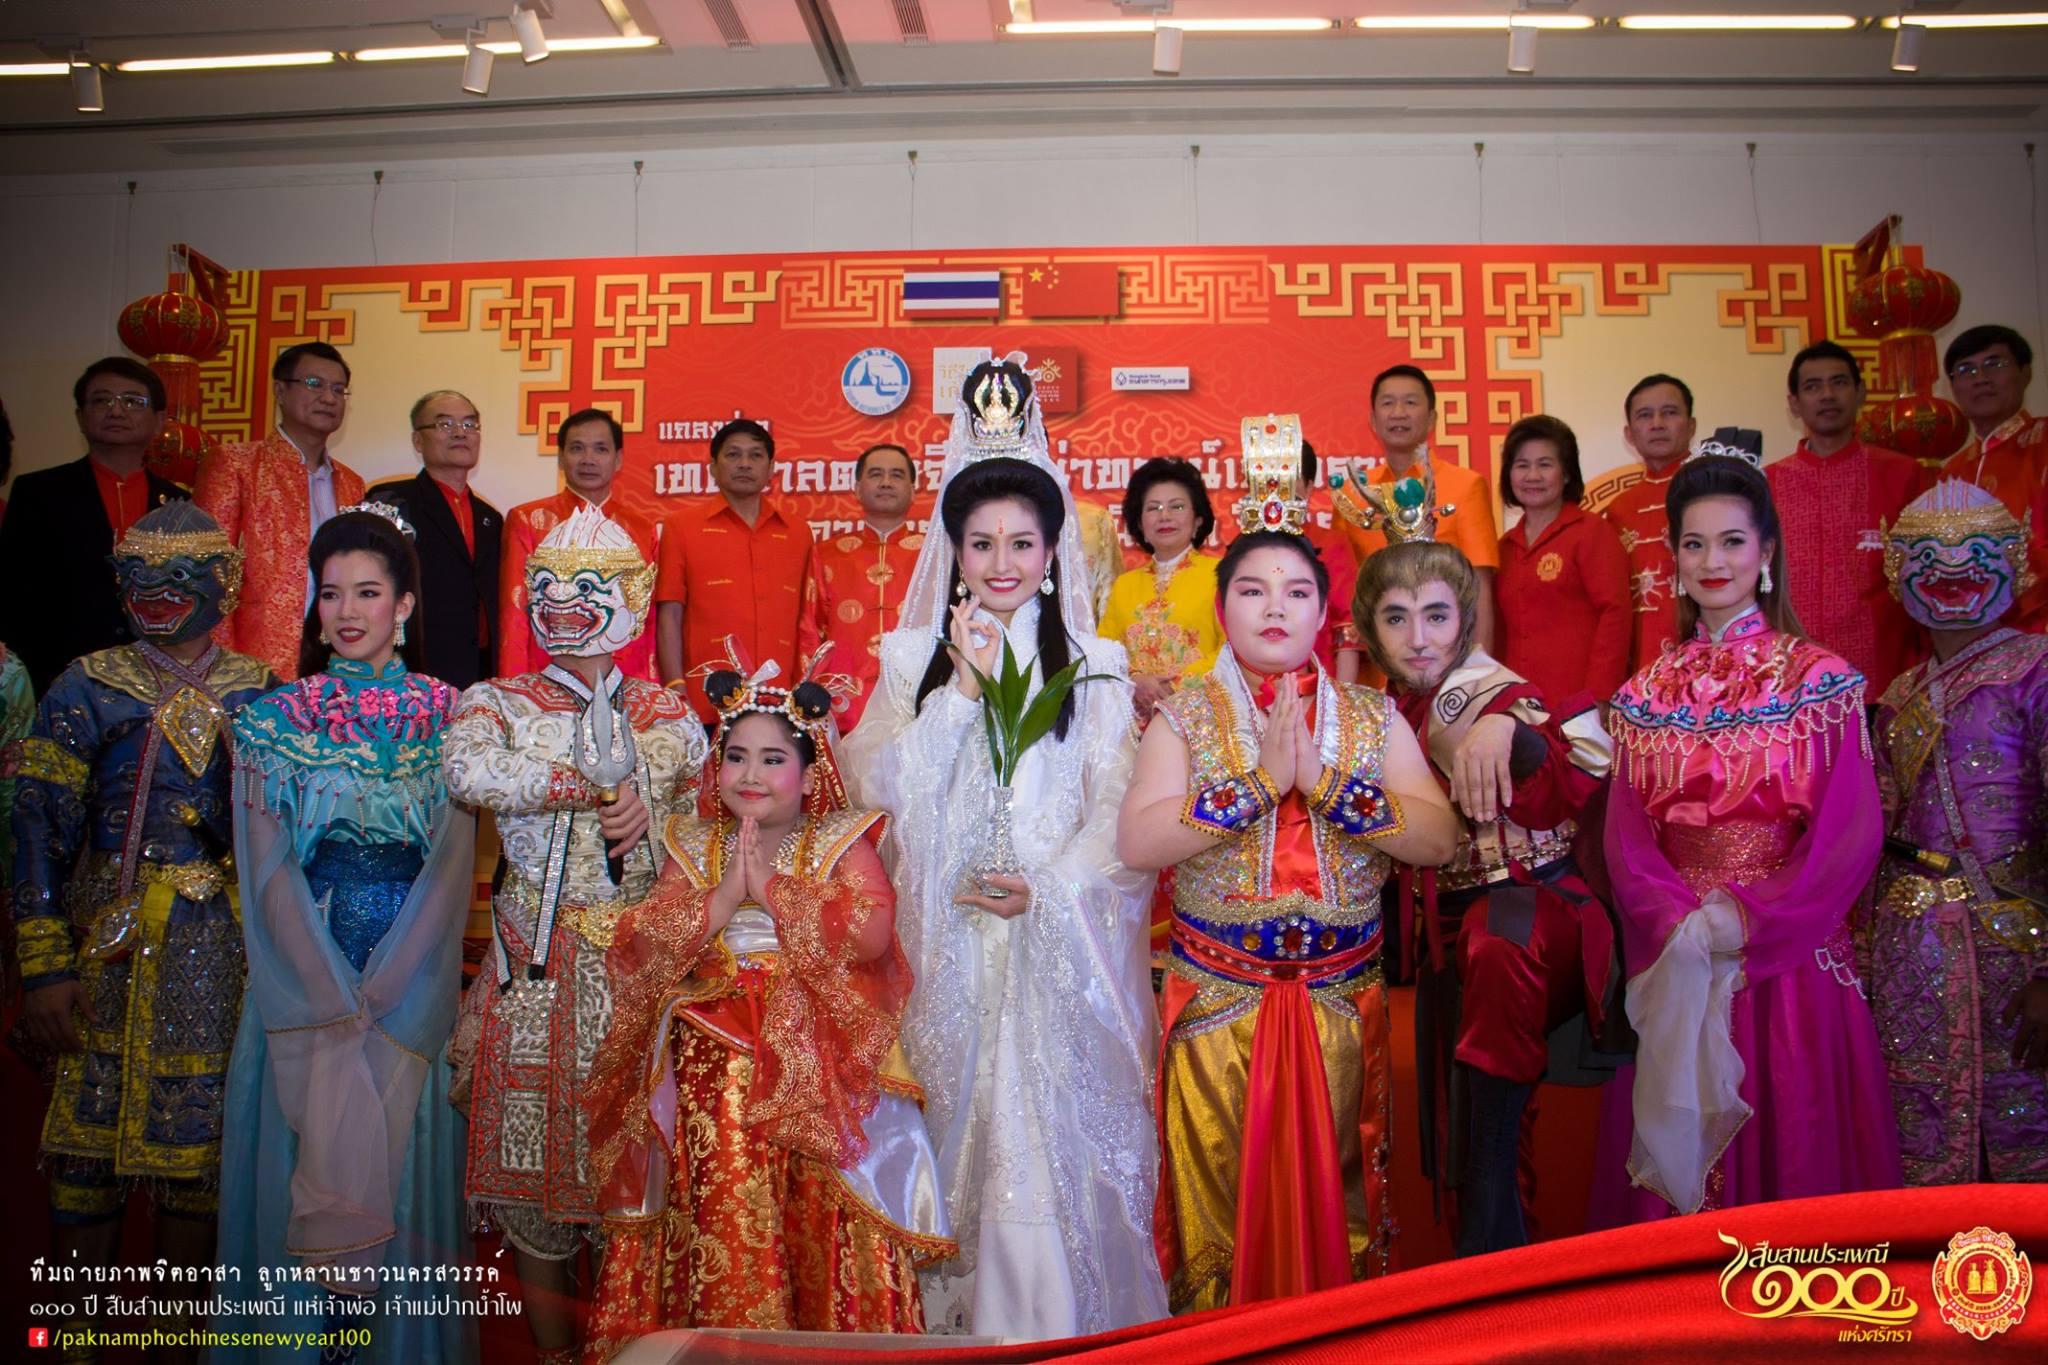 งานแถลงข่าวเทศกาลตรุษจีนไชน่าทาวน์เยาวราช และเทศกาลตรุษจีนในภูมิภาค - ภาพจาก Facebook เพจตรุษจีนนครสวรรค์